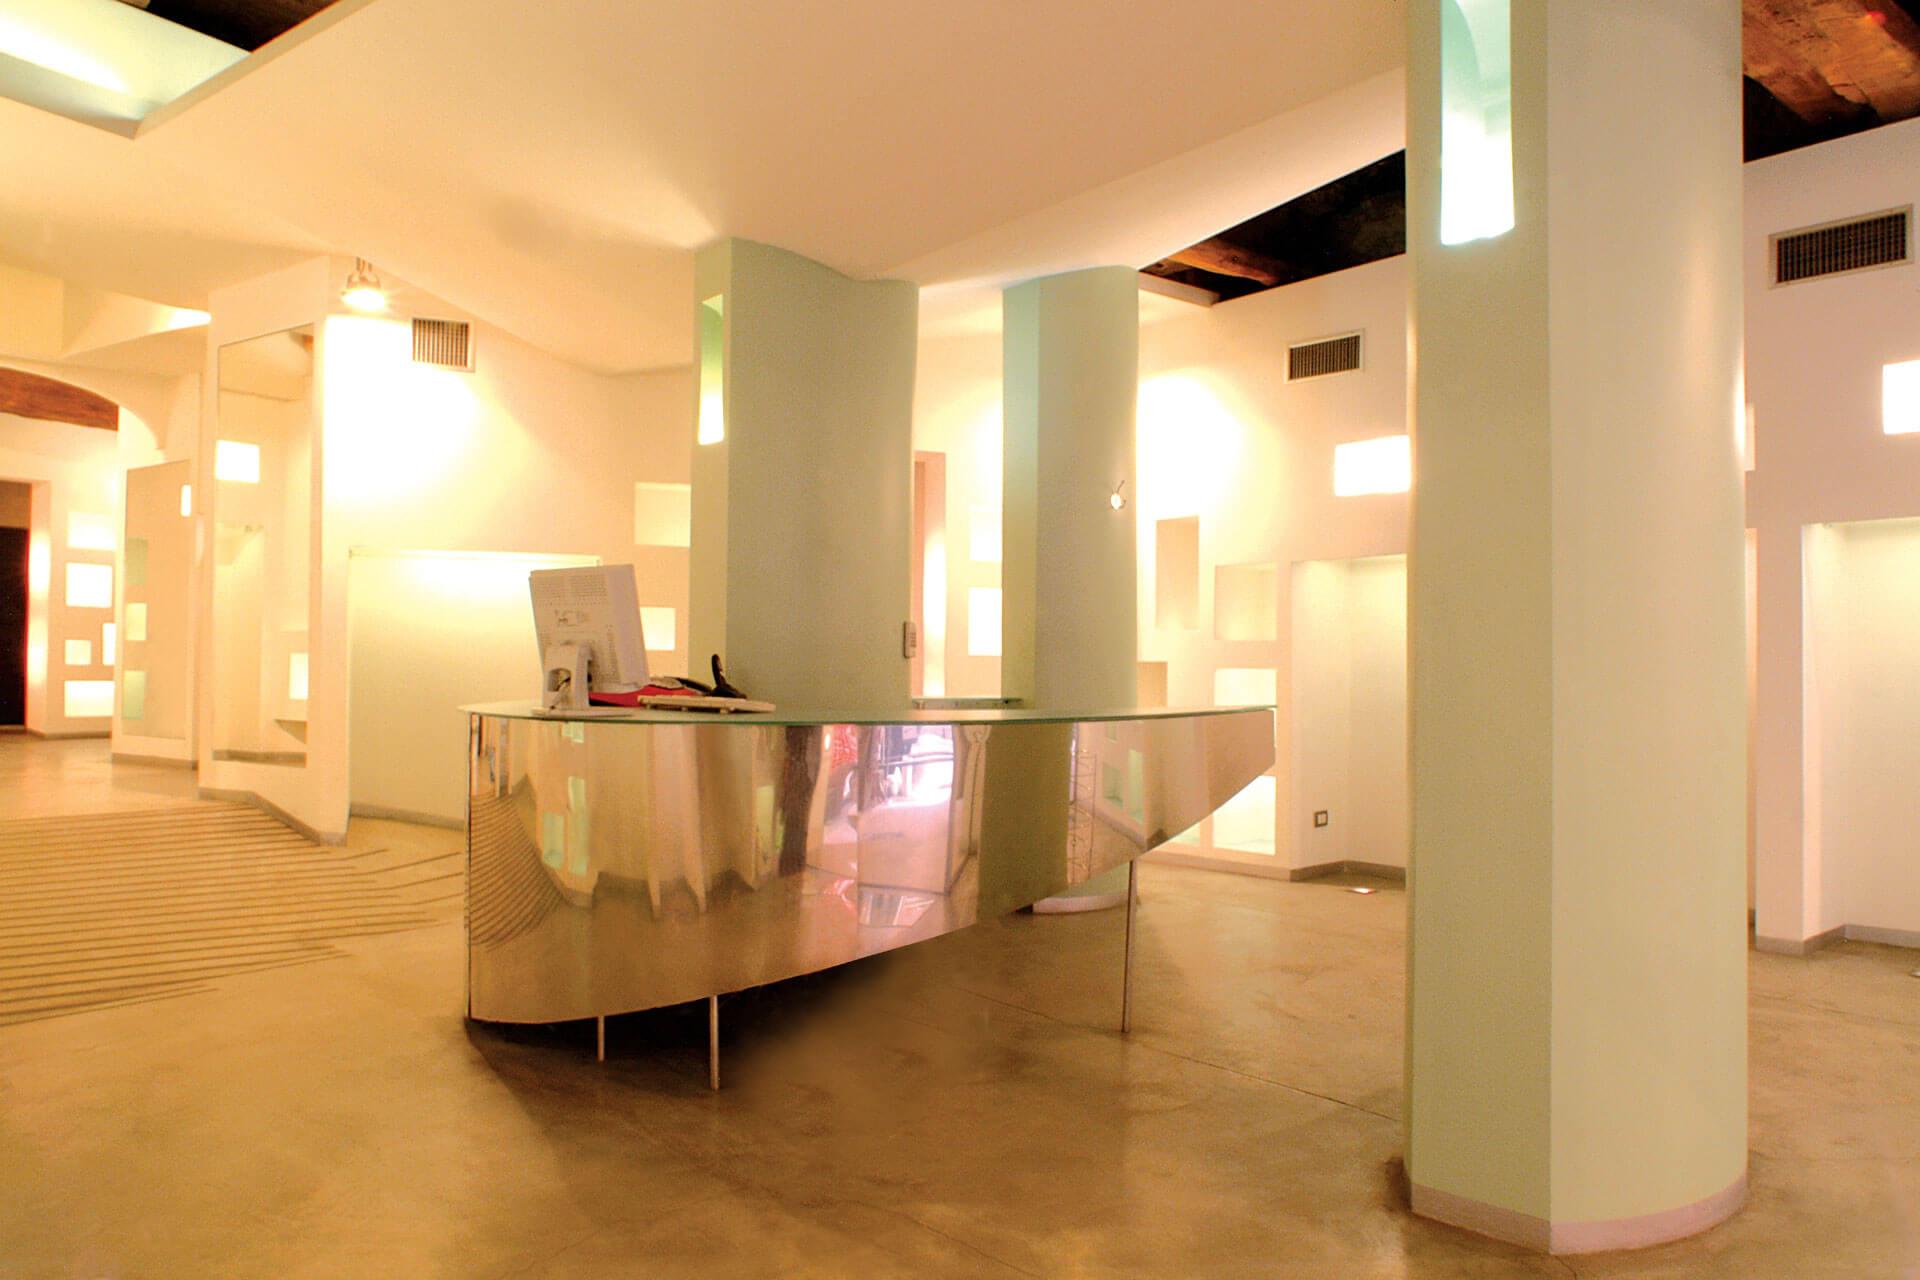 micaela-mazzoni-studio-interior-designer-bologna-progetti-commerciali-negozio-abbigliamento-via-san-felice-bologna